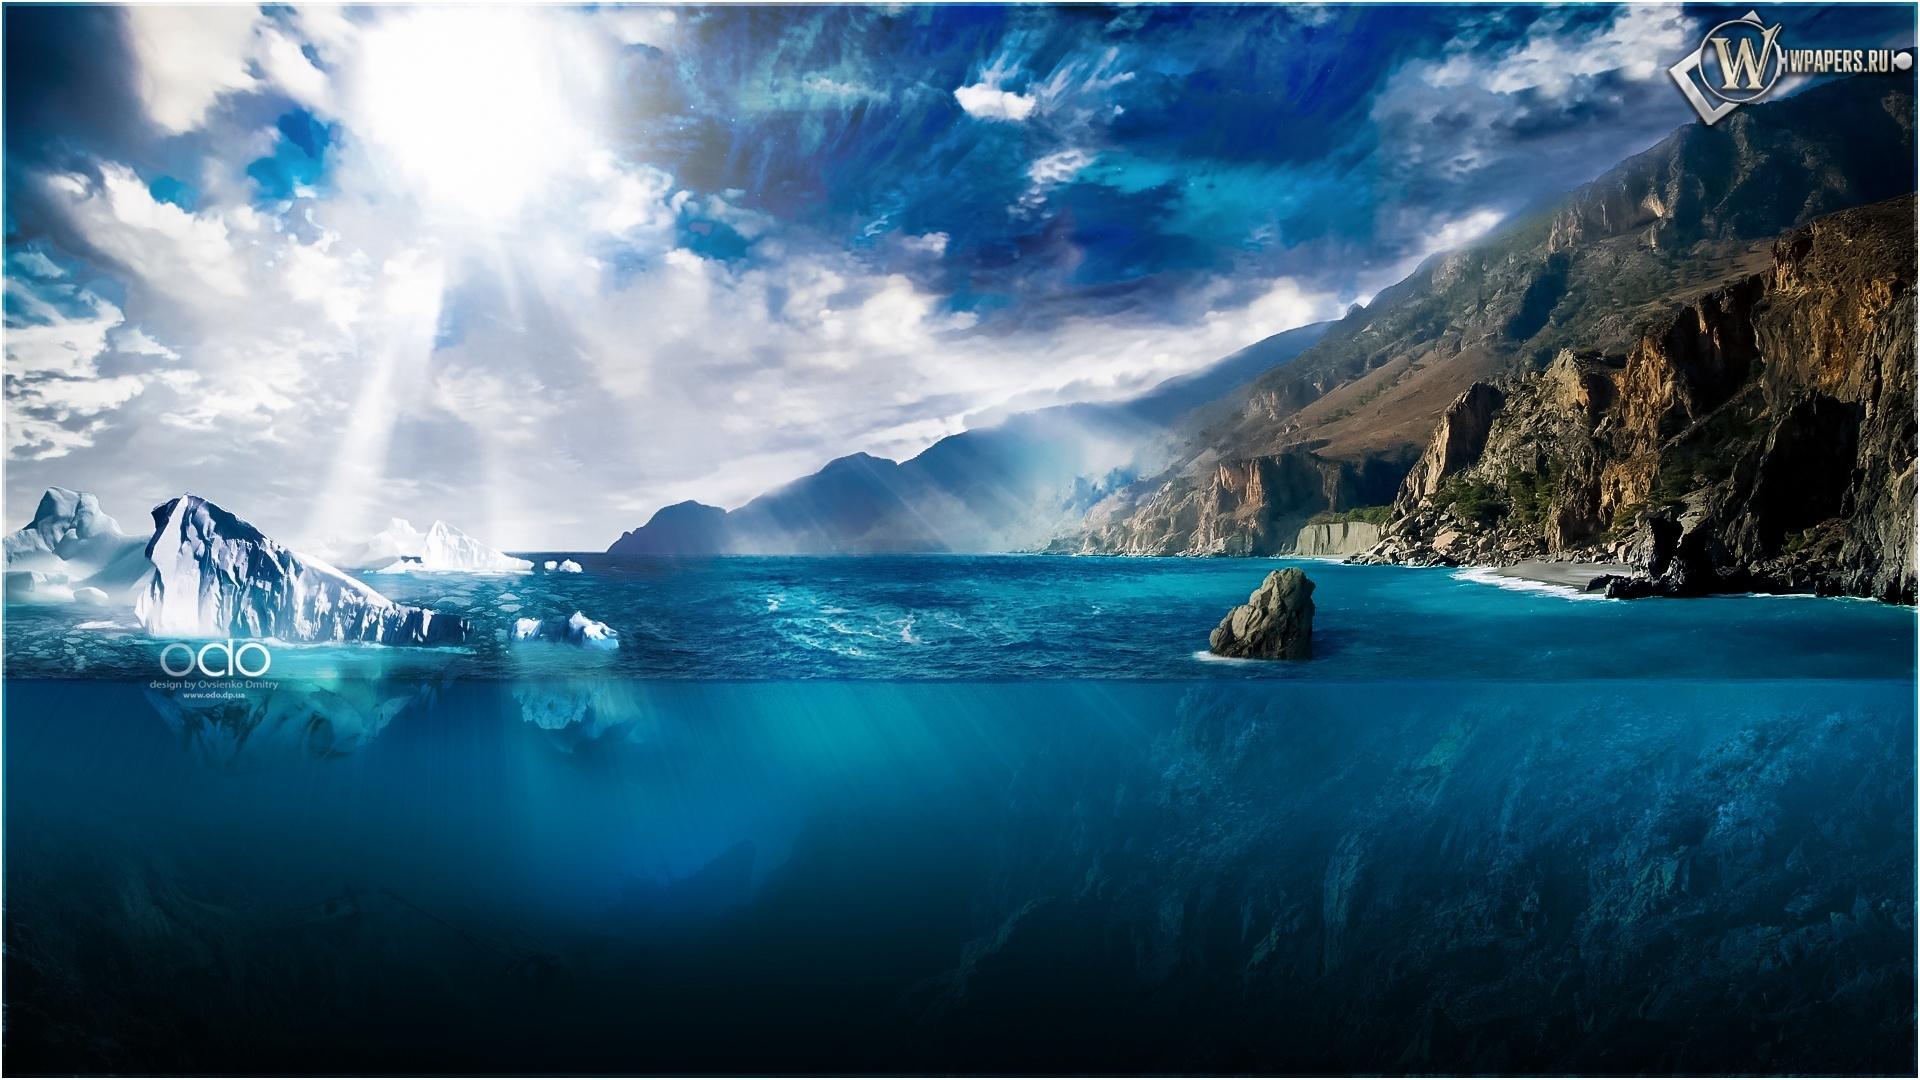 Iceberg by odo 1920x1080